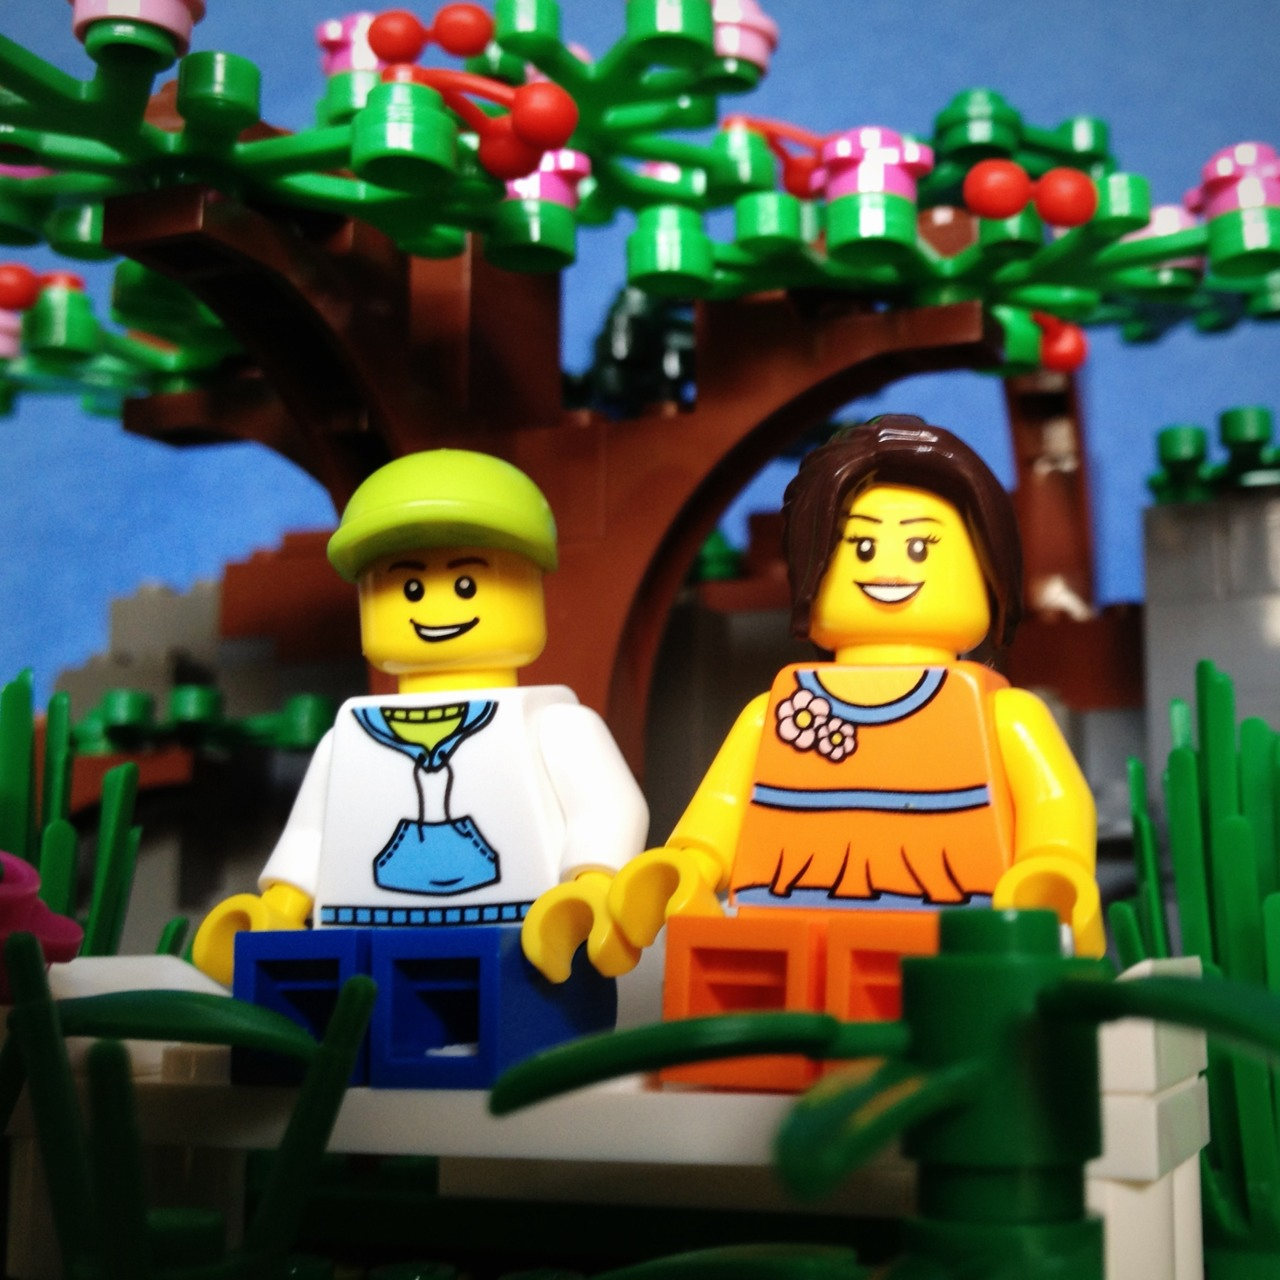 LegoGenre 00234: Spring Love.